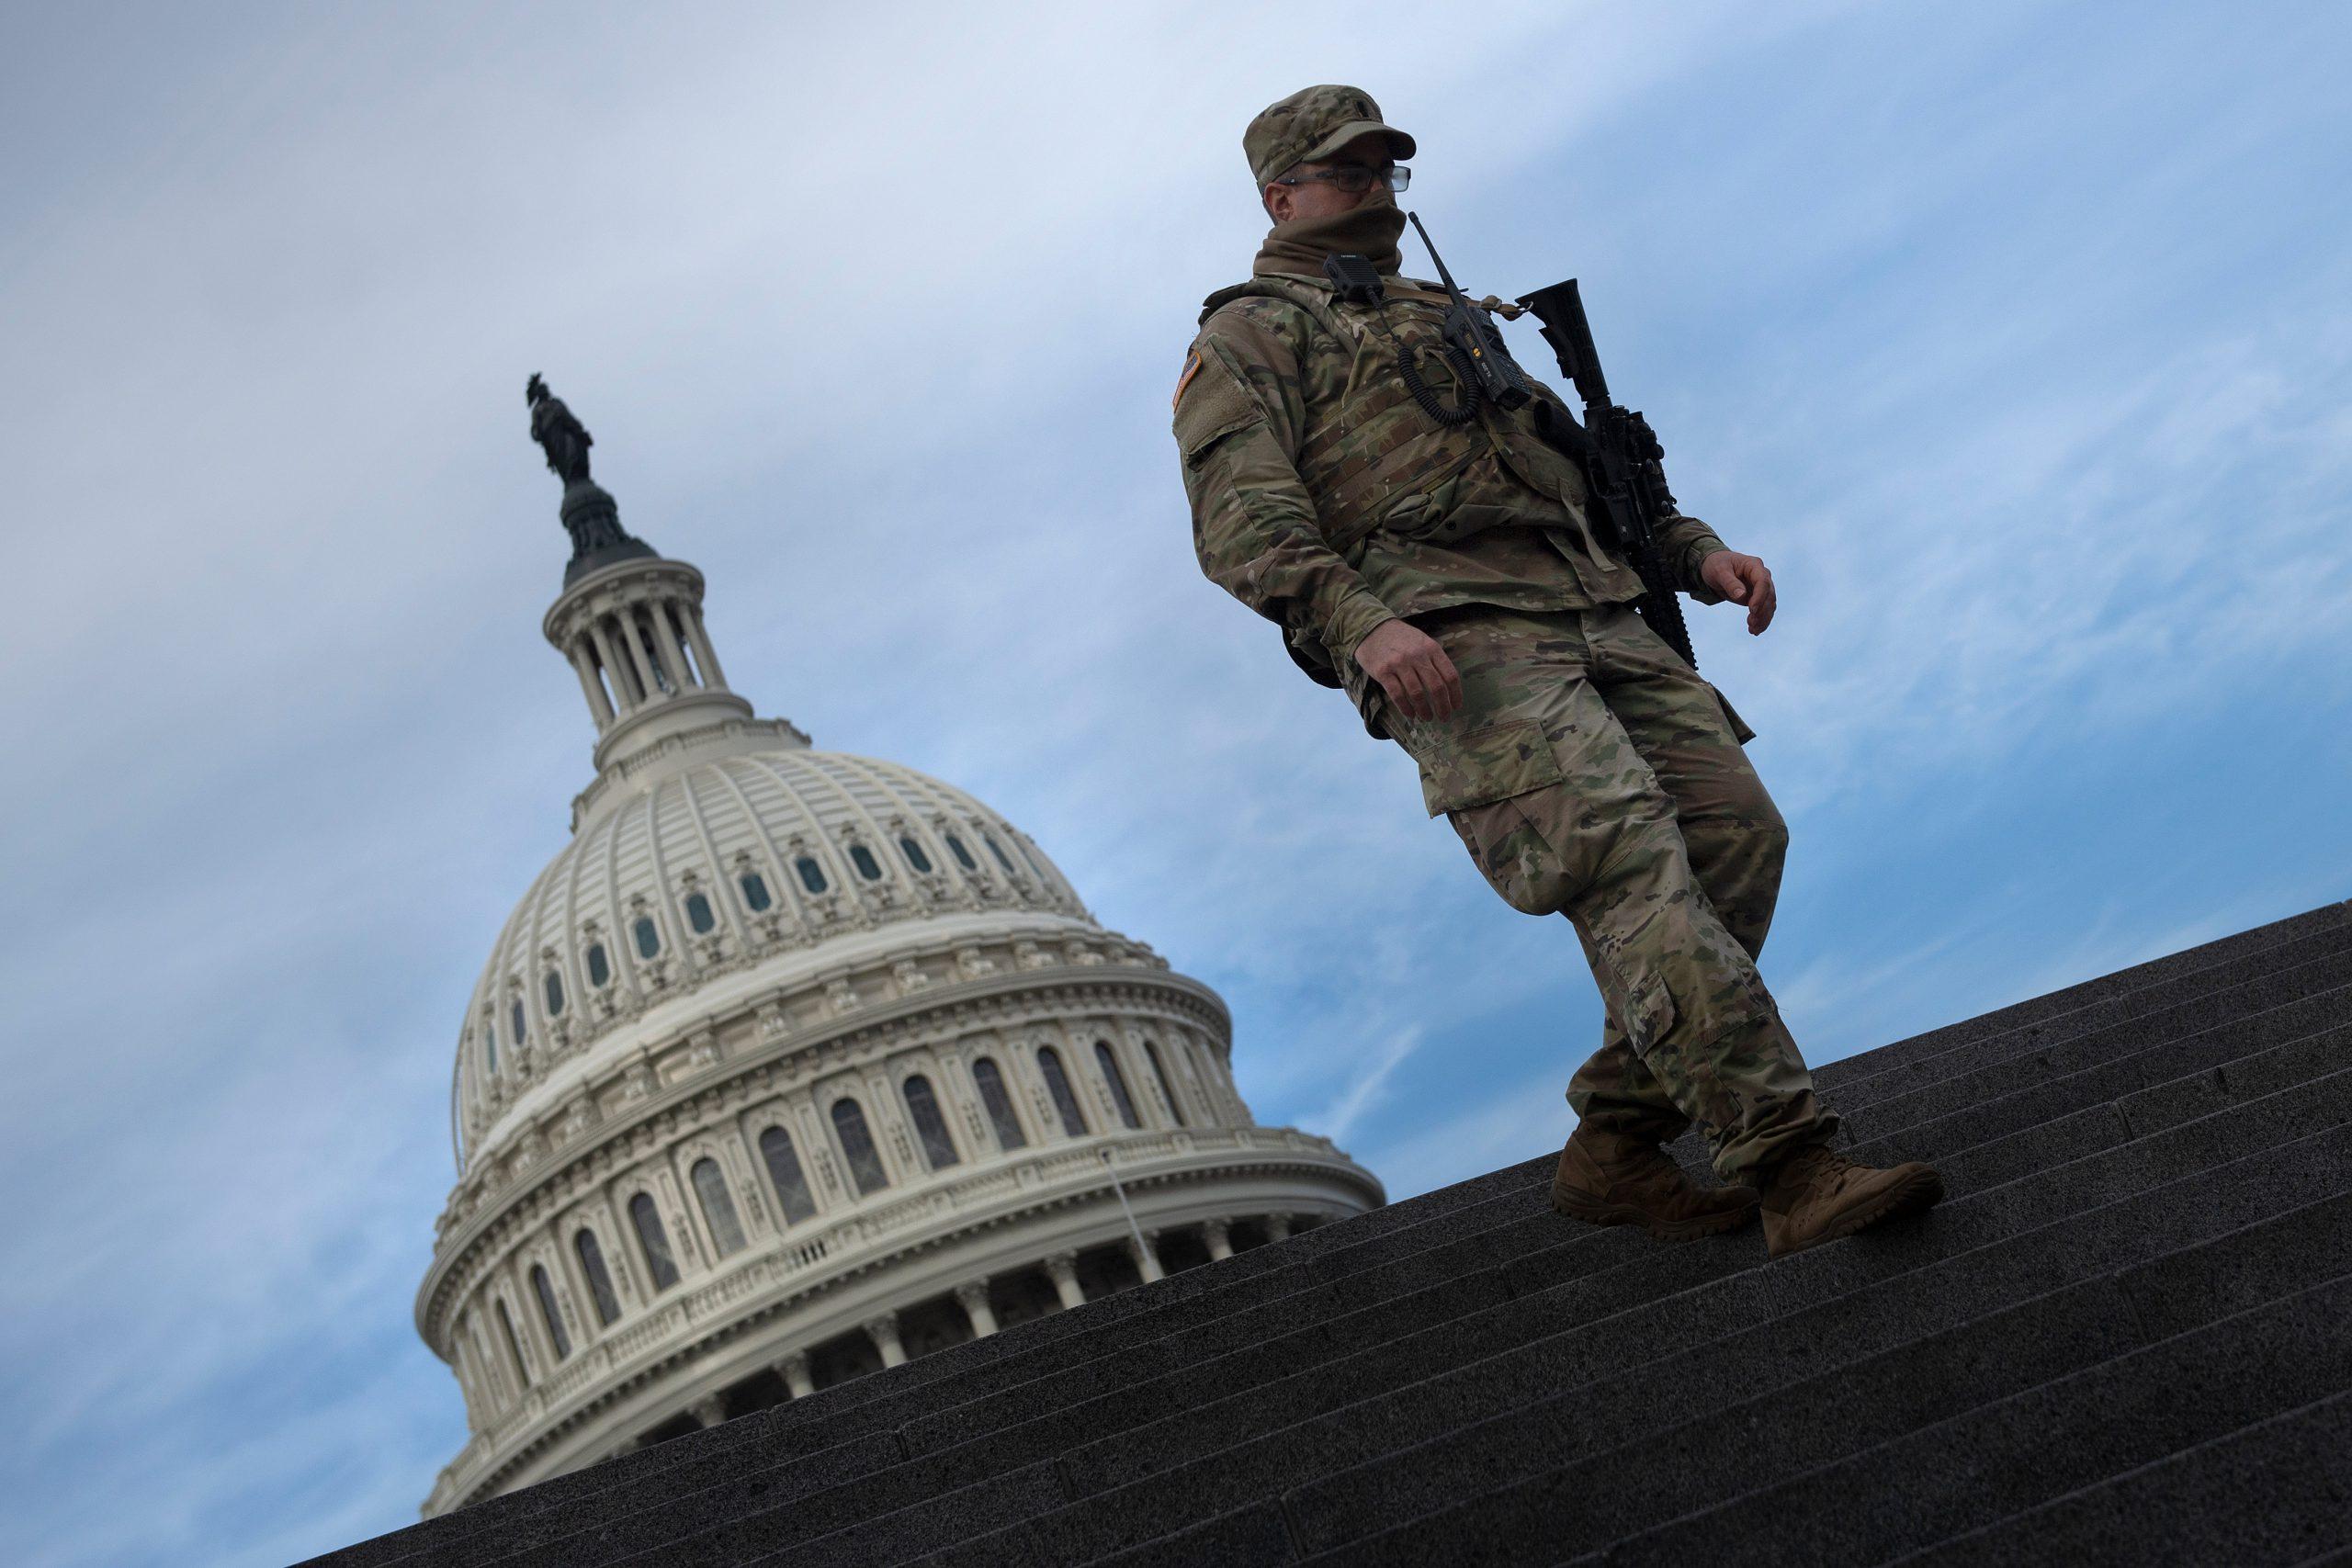 Washington fortificado por riesgos de violencia antes de investidura de Biden